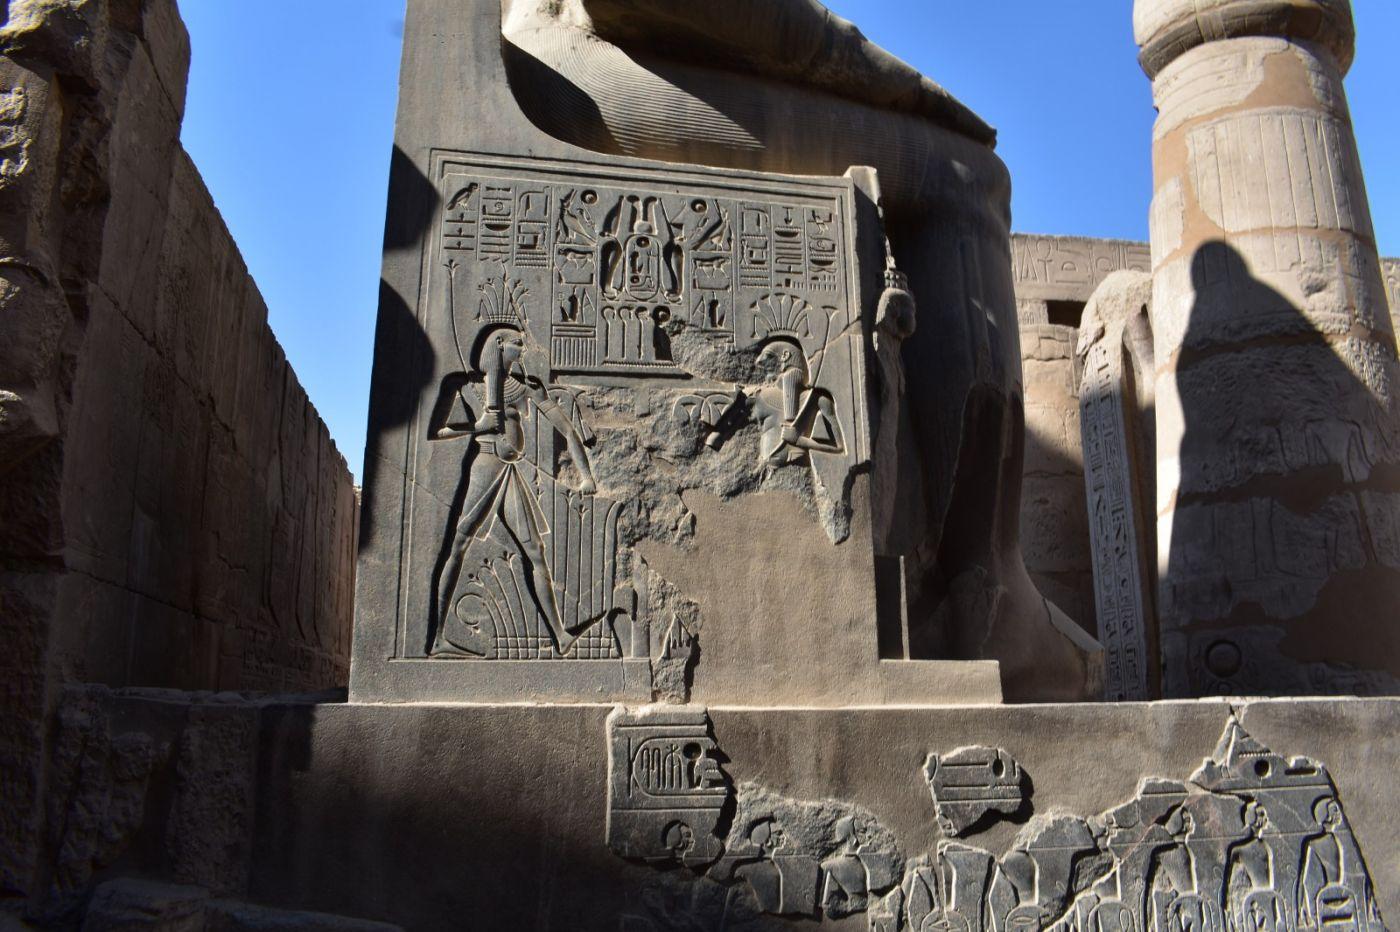 埃德富神庙和卢克索神庙_图1-31